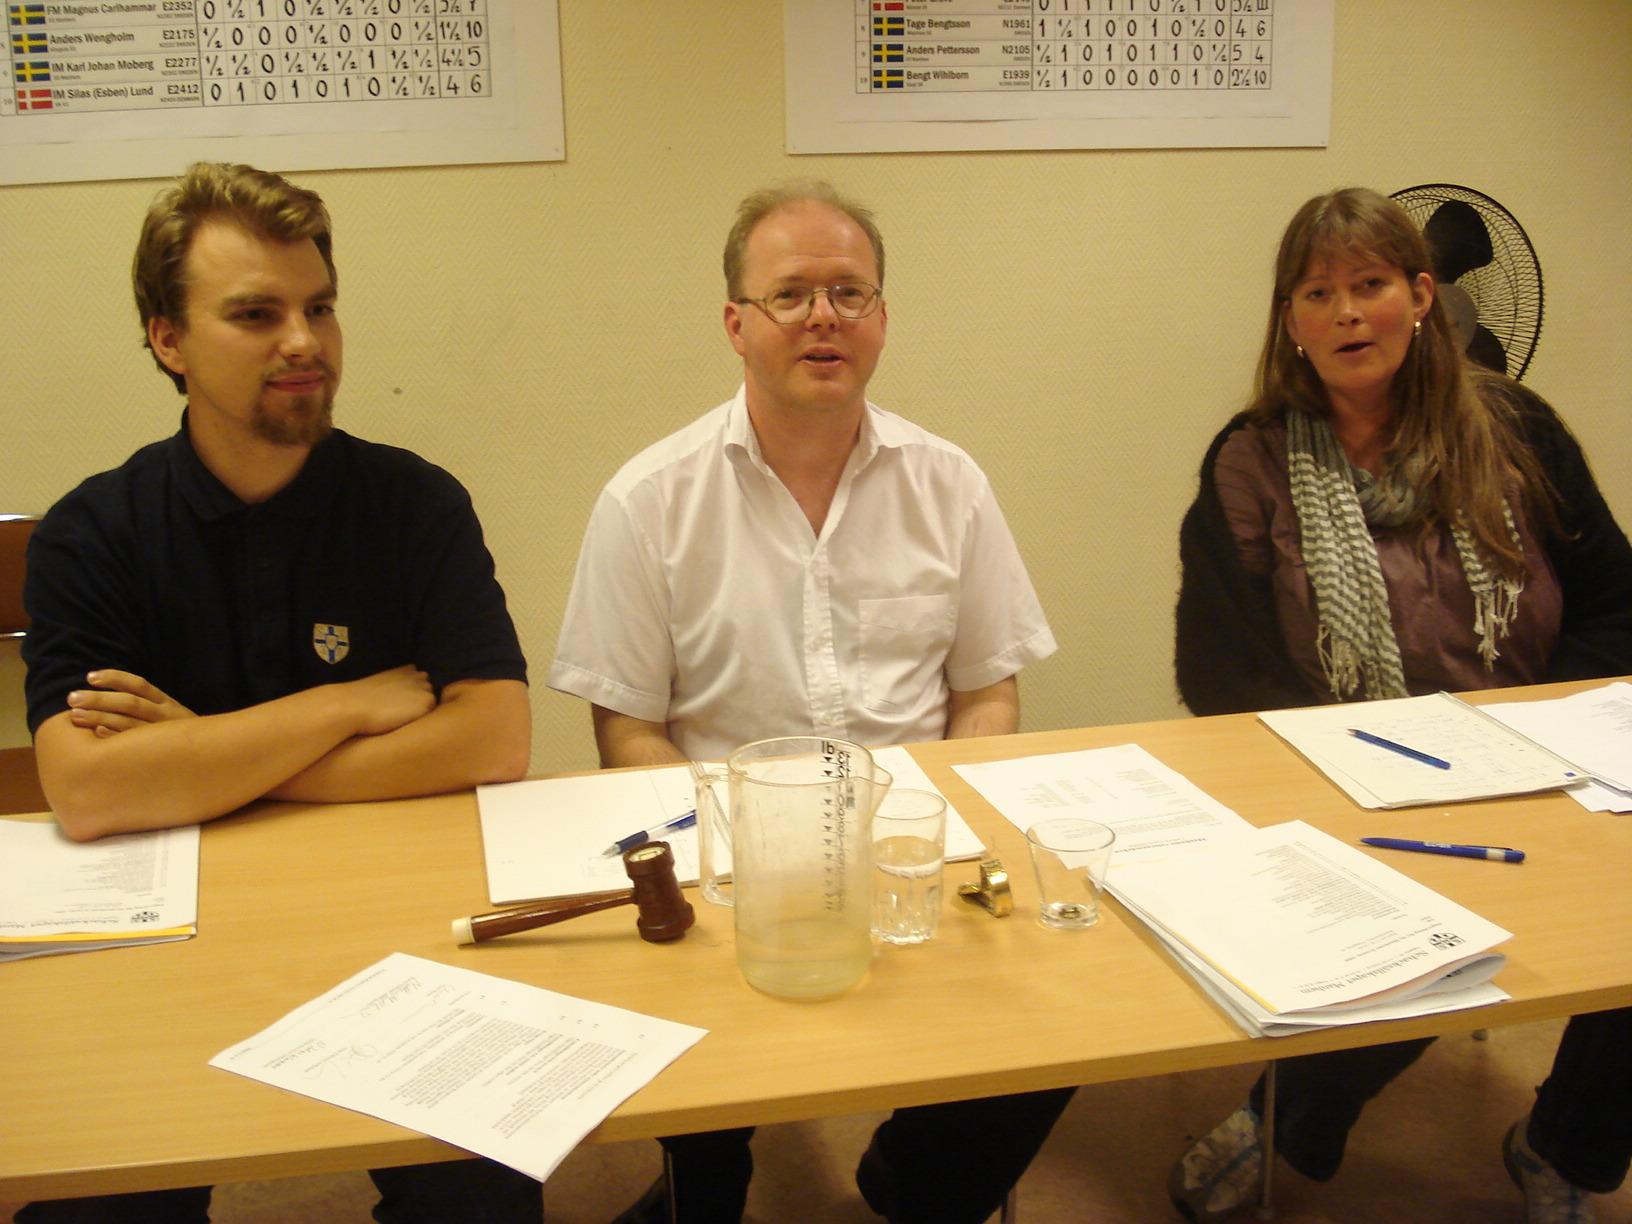 Mötets presidium, fr.v. skattmästaren Joel Åkesson, ordföranden mats Eriksson och vice sekreteraren Rebecka Ungerfält.